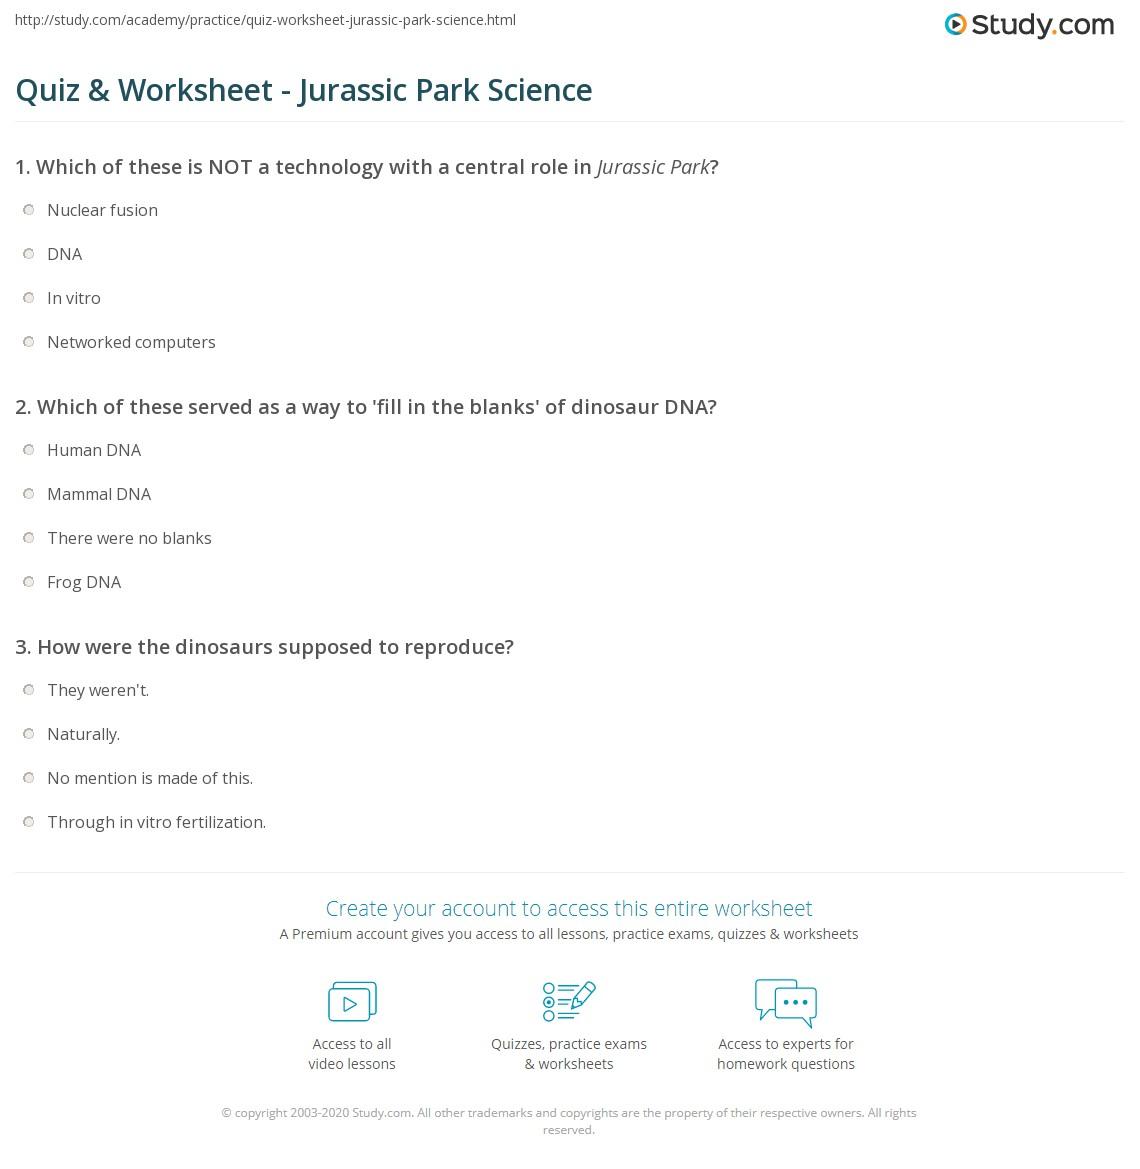 quiz worksheet jurassic park science. Black Bedroom Furniture Sets. Home Design Ideas